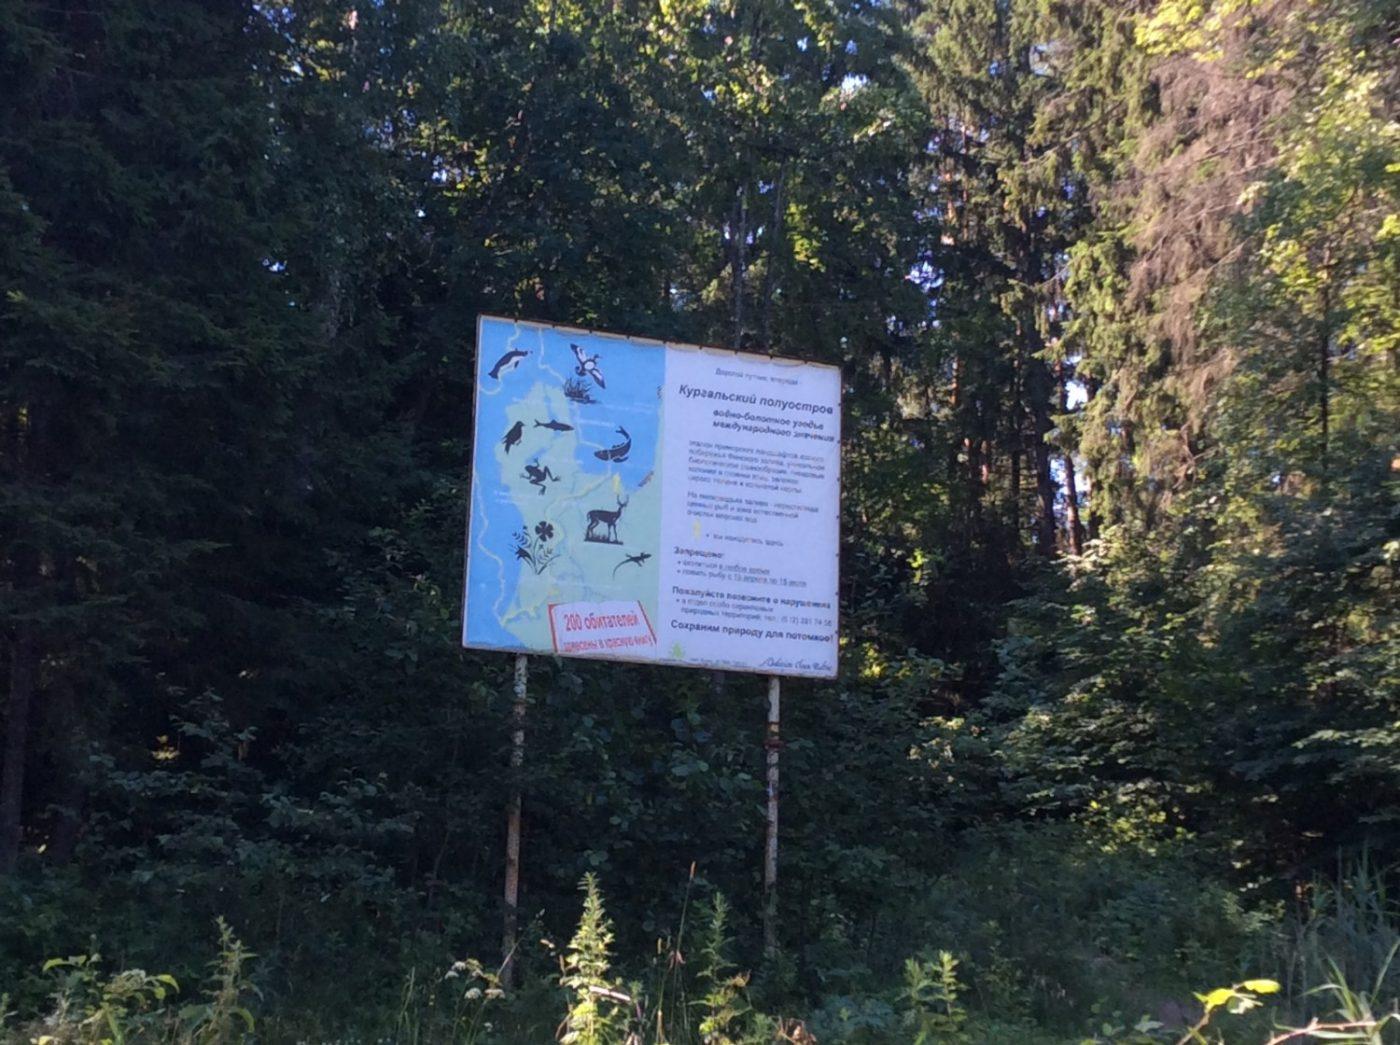 Информационный стенд рядом с родником близ Свято-Троицкого собора